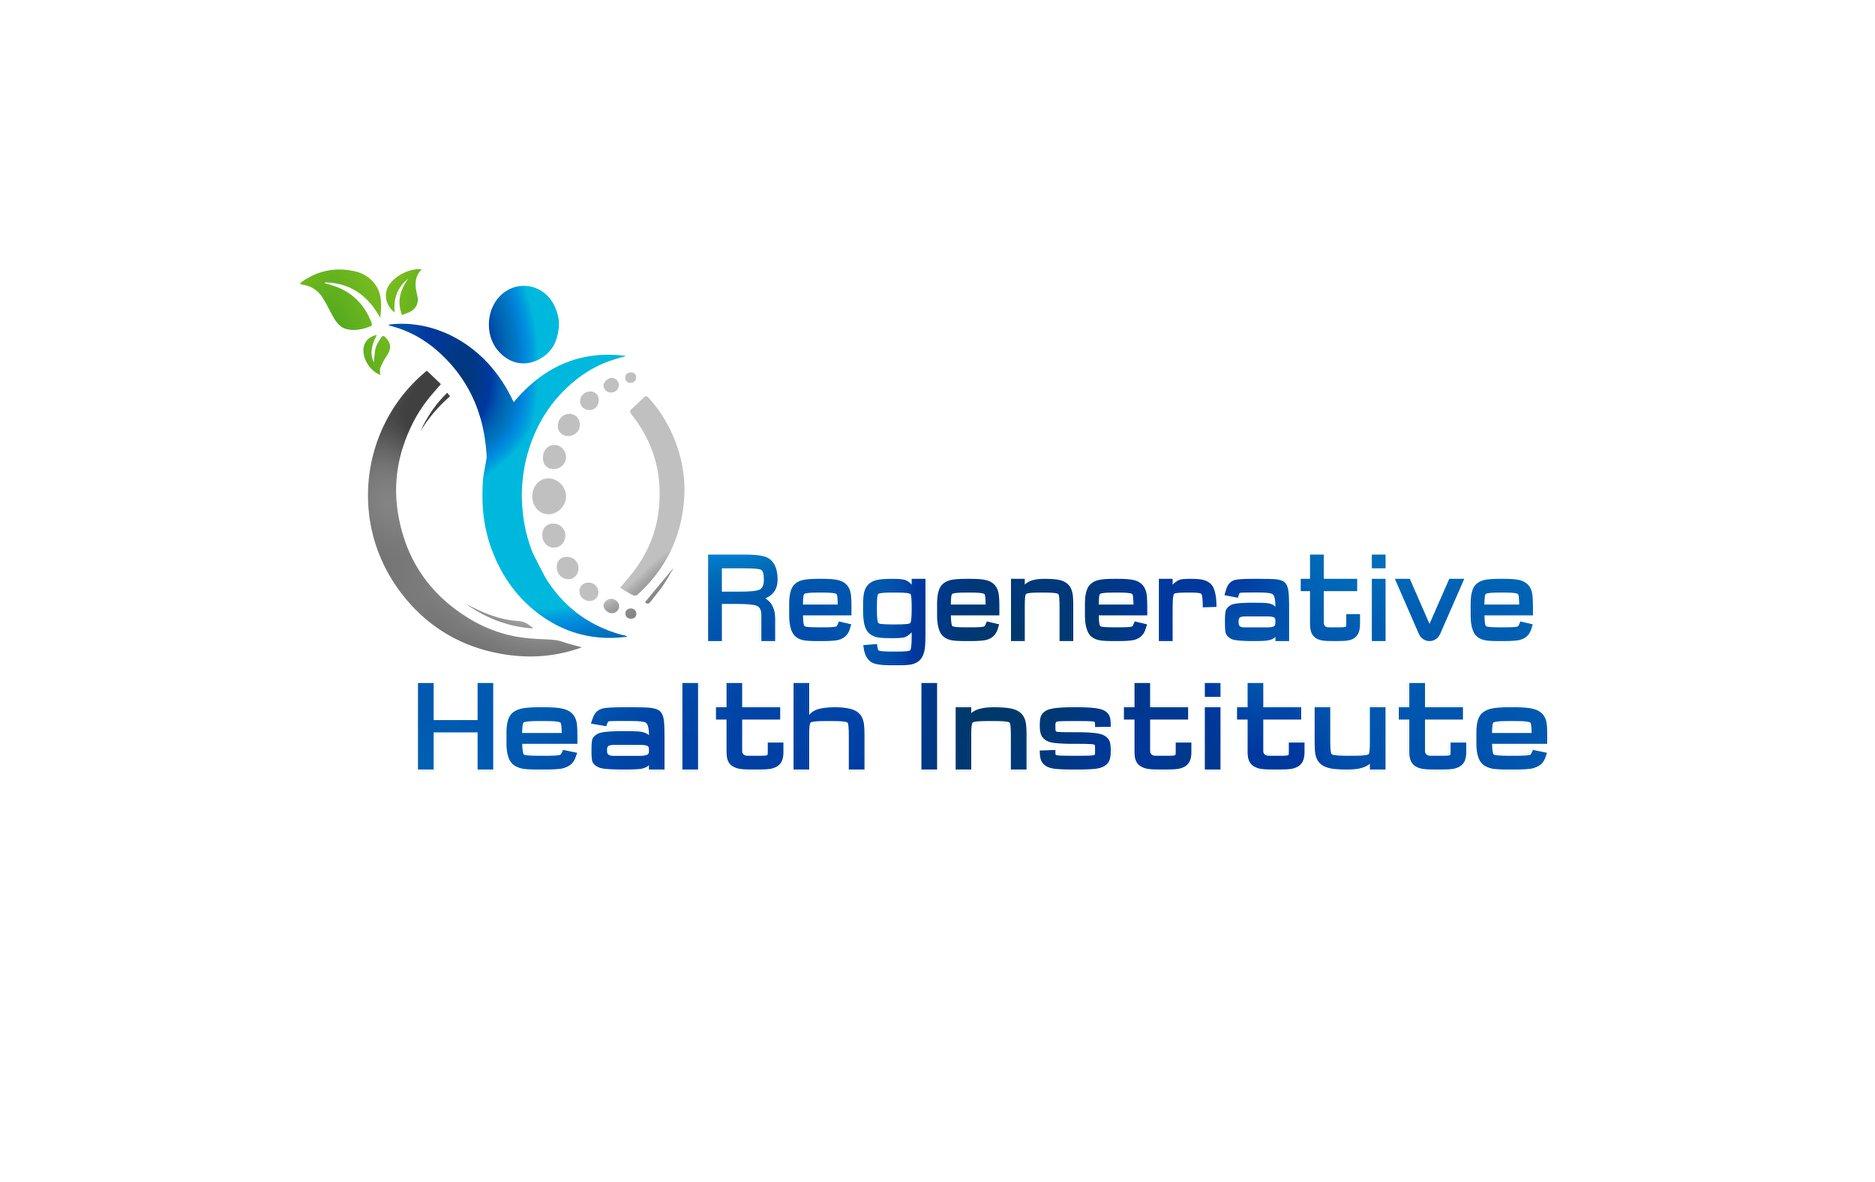 Baywest Health & Rehab New Port Richey